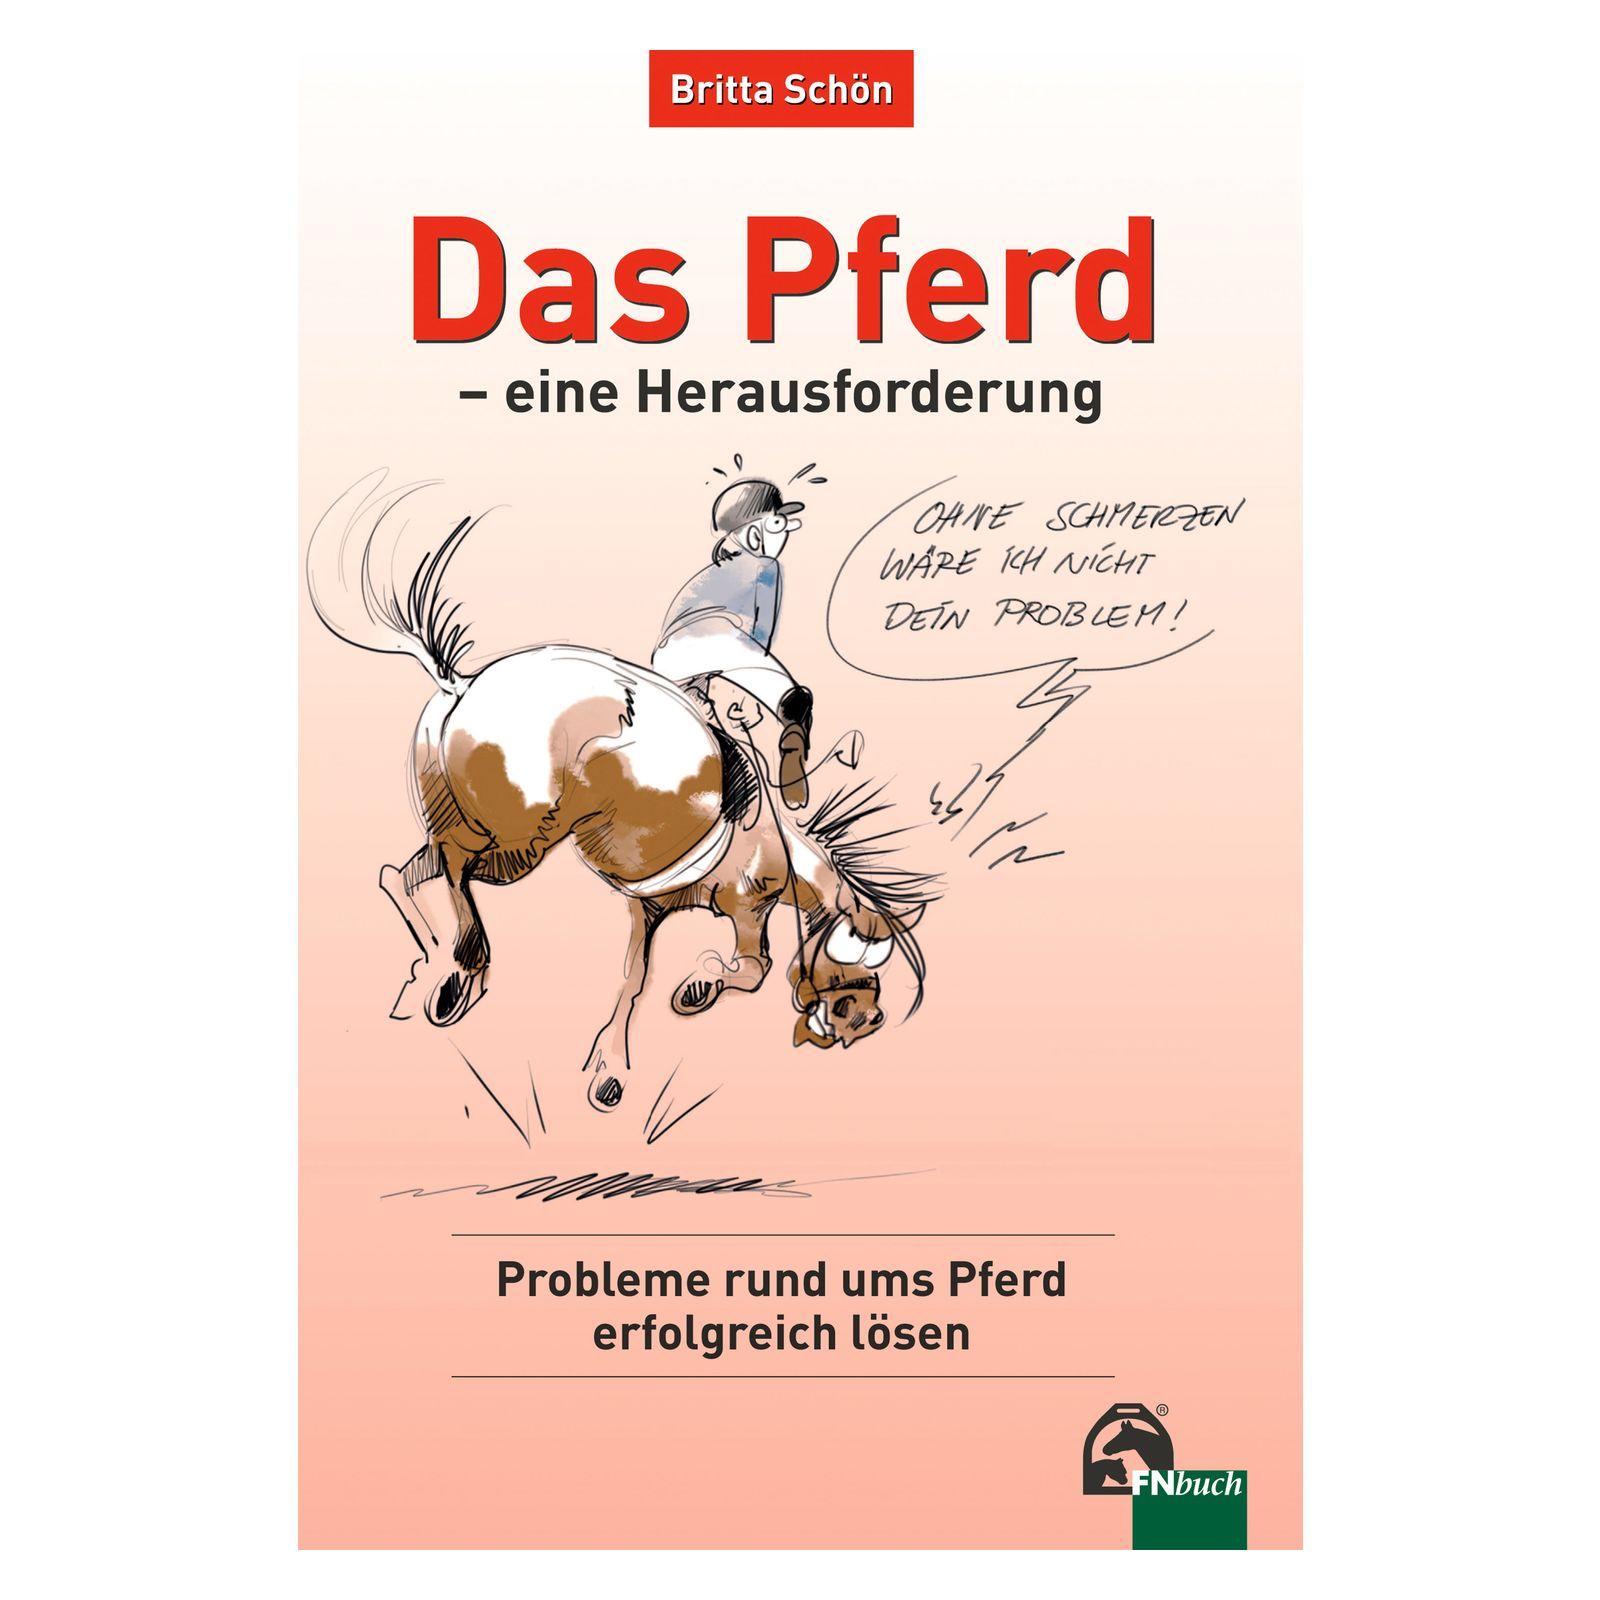 Das Pferd - eine Herausforderung, FNverlag